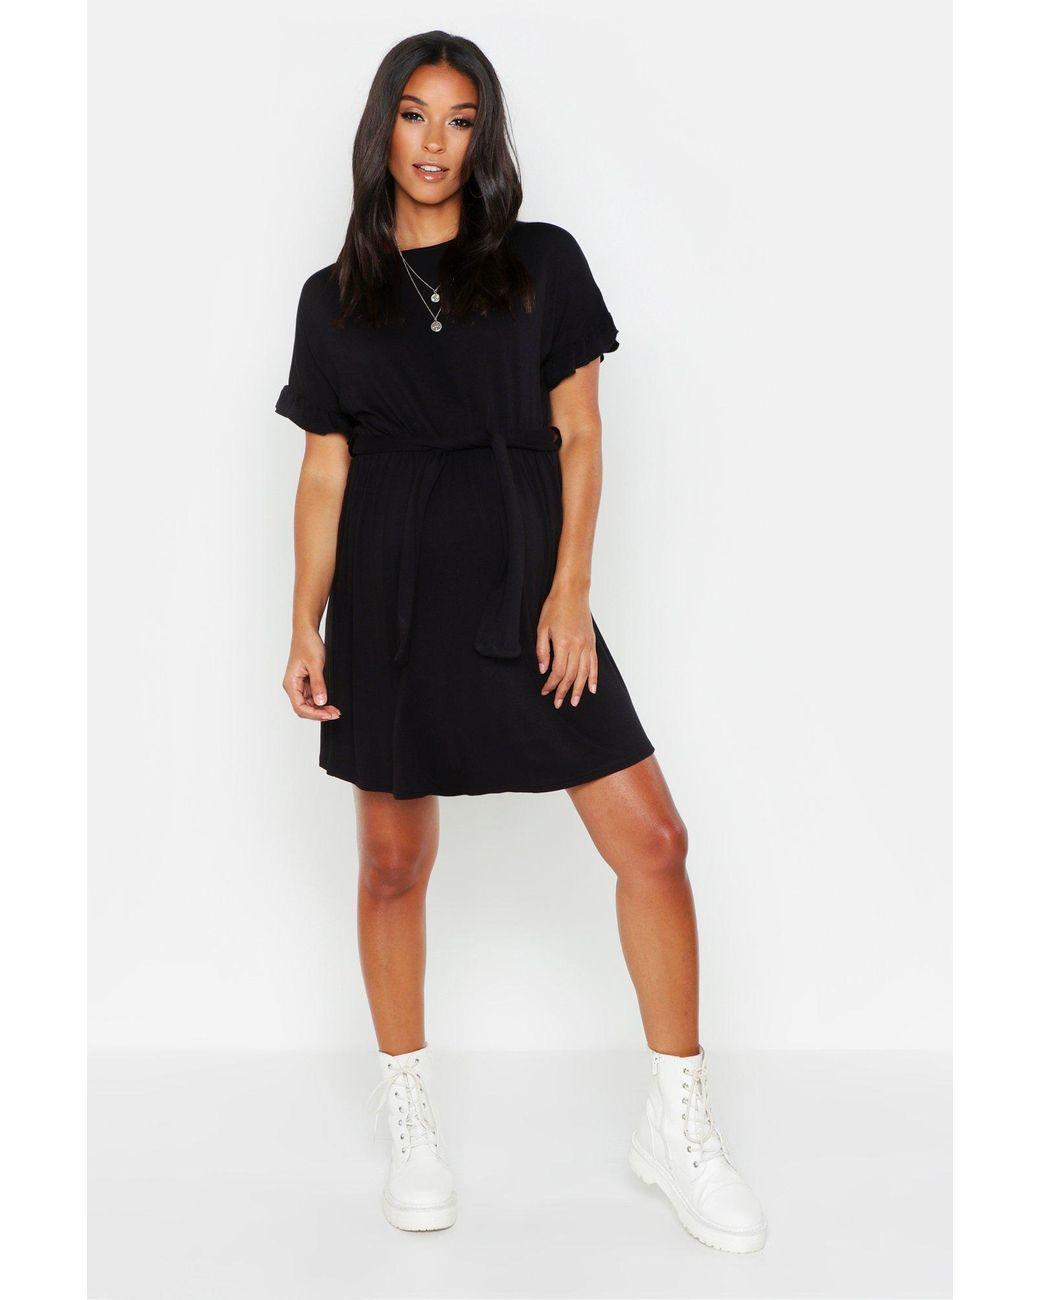 301c20013d51 Boohoo Maternity Tie Waist Ruffle T-shirt Dress in Black - Lyst